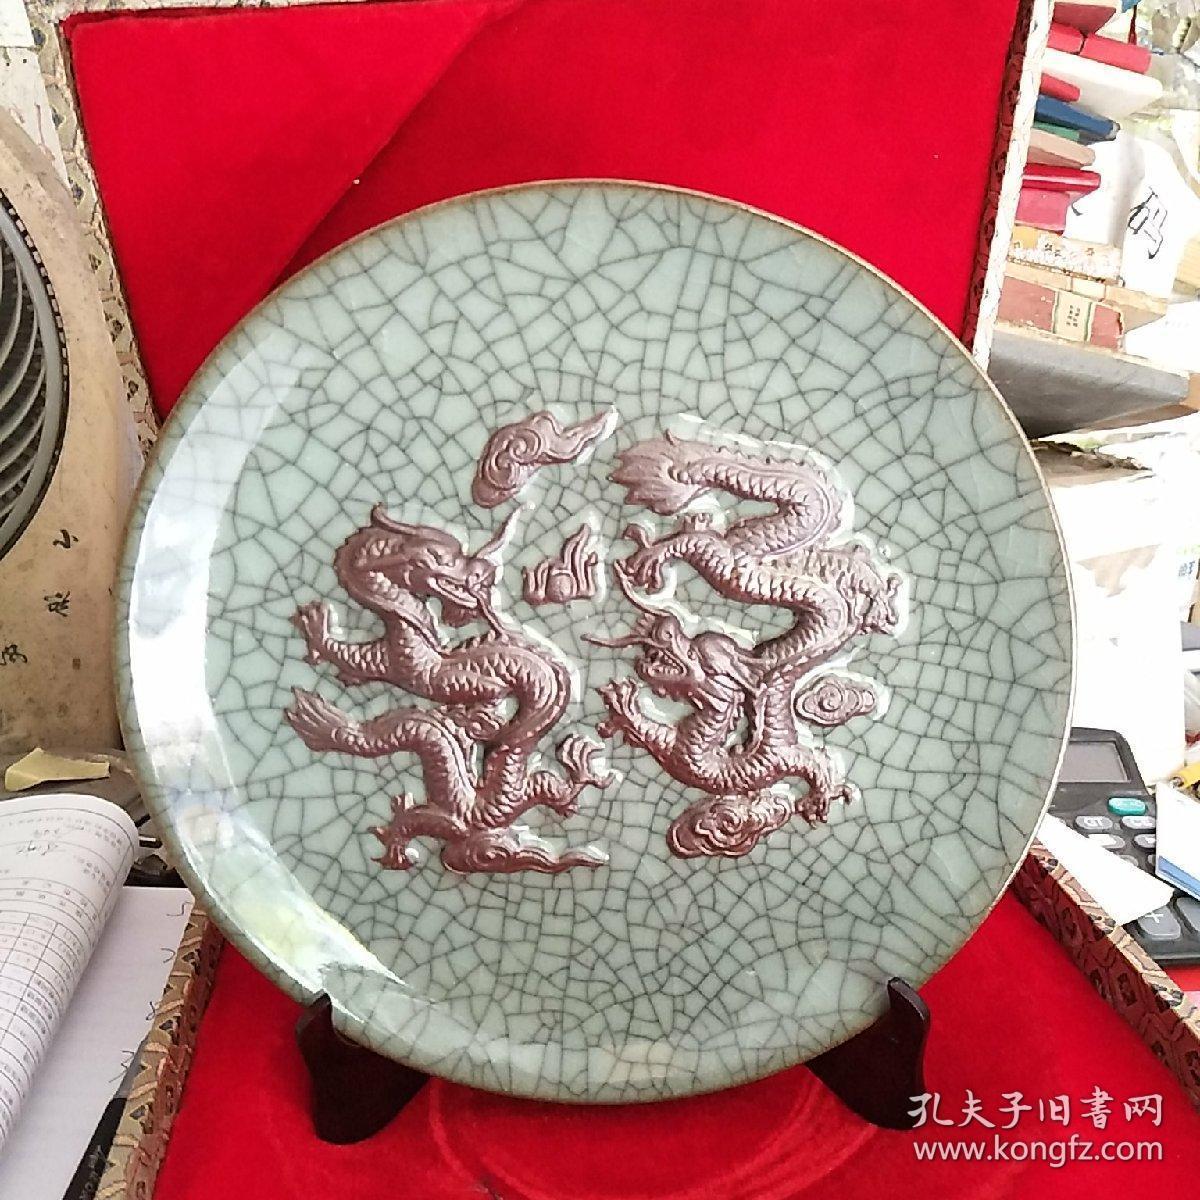 龙泉青瓷(刻有双龙)